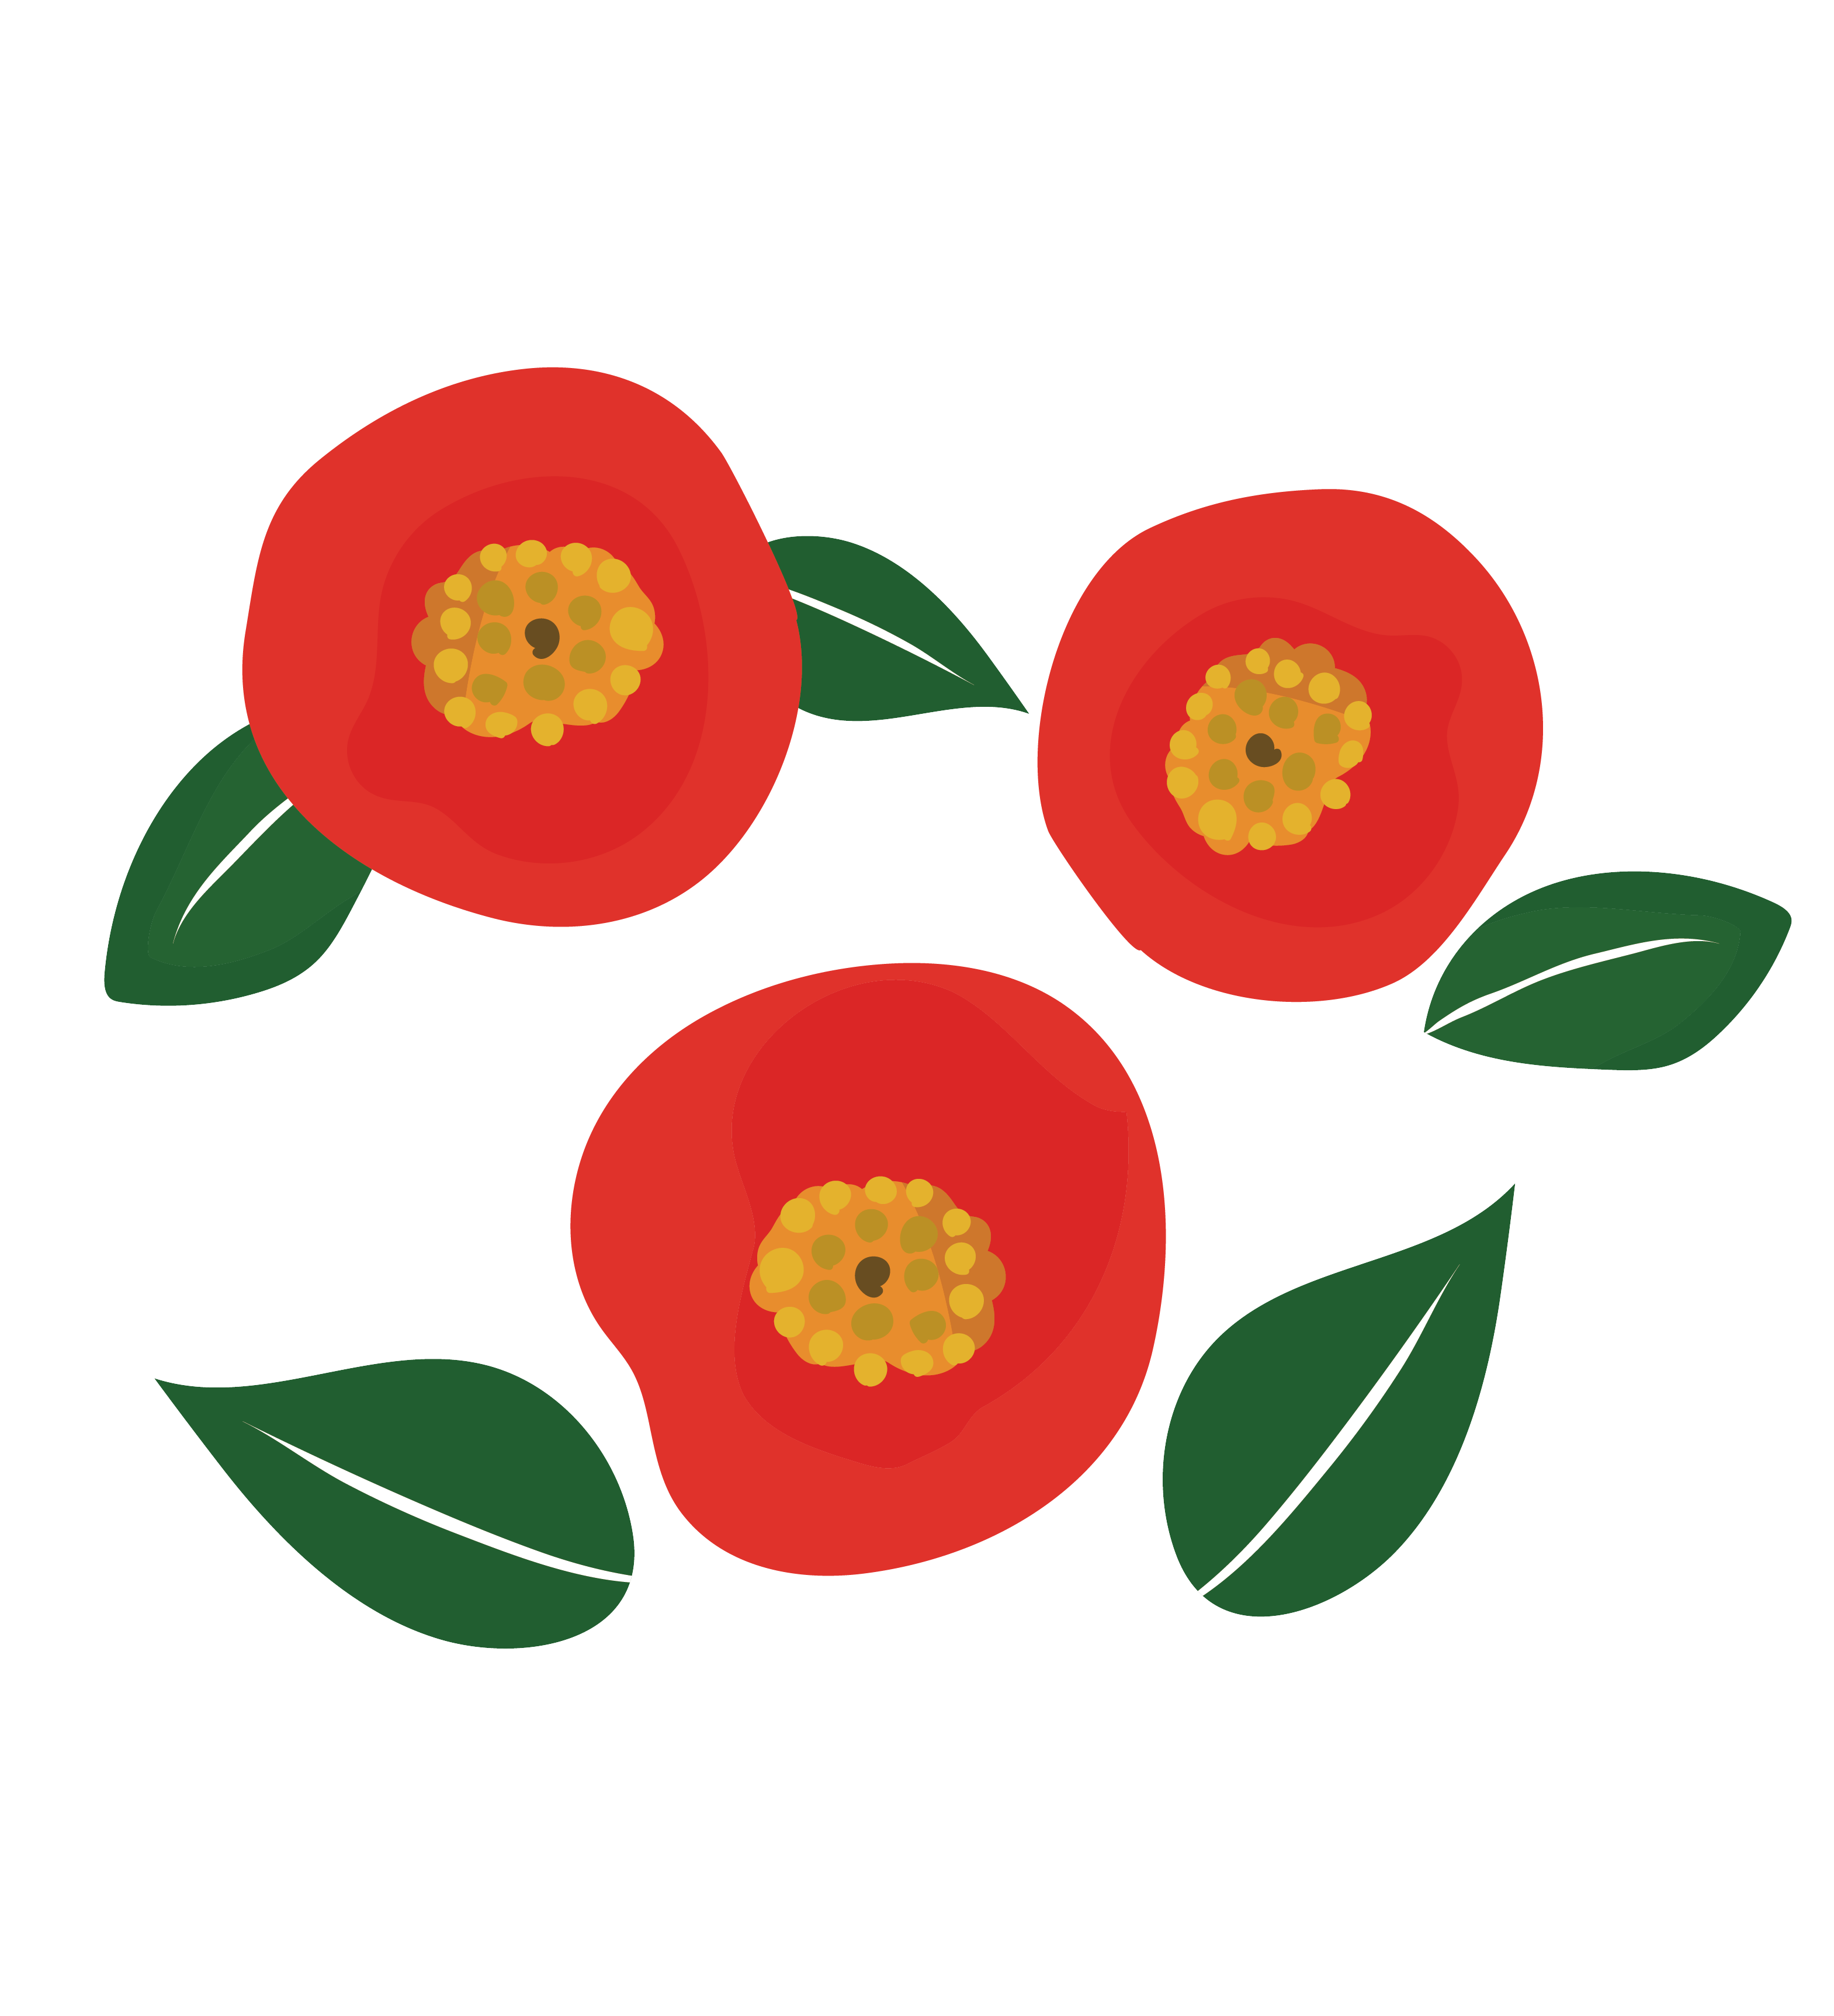 かわいい椿(つばき)のイラスト 【花・年賀状にも!】